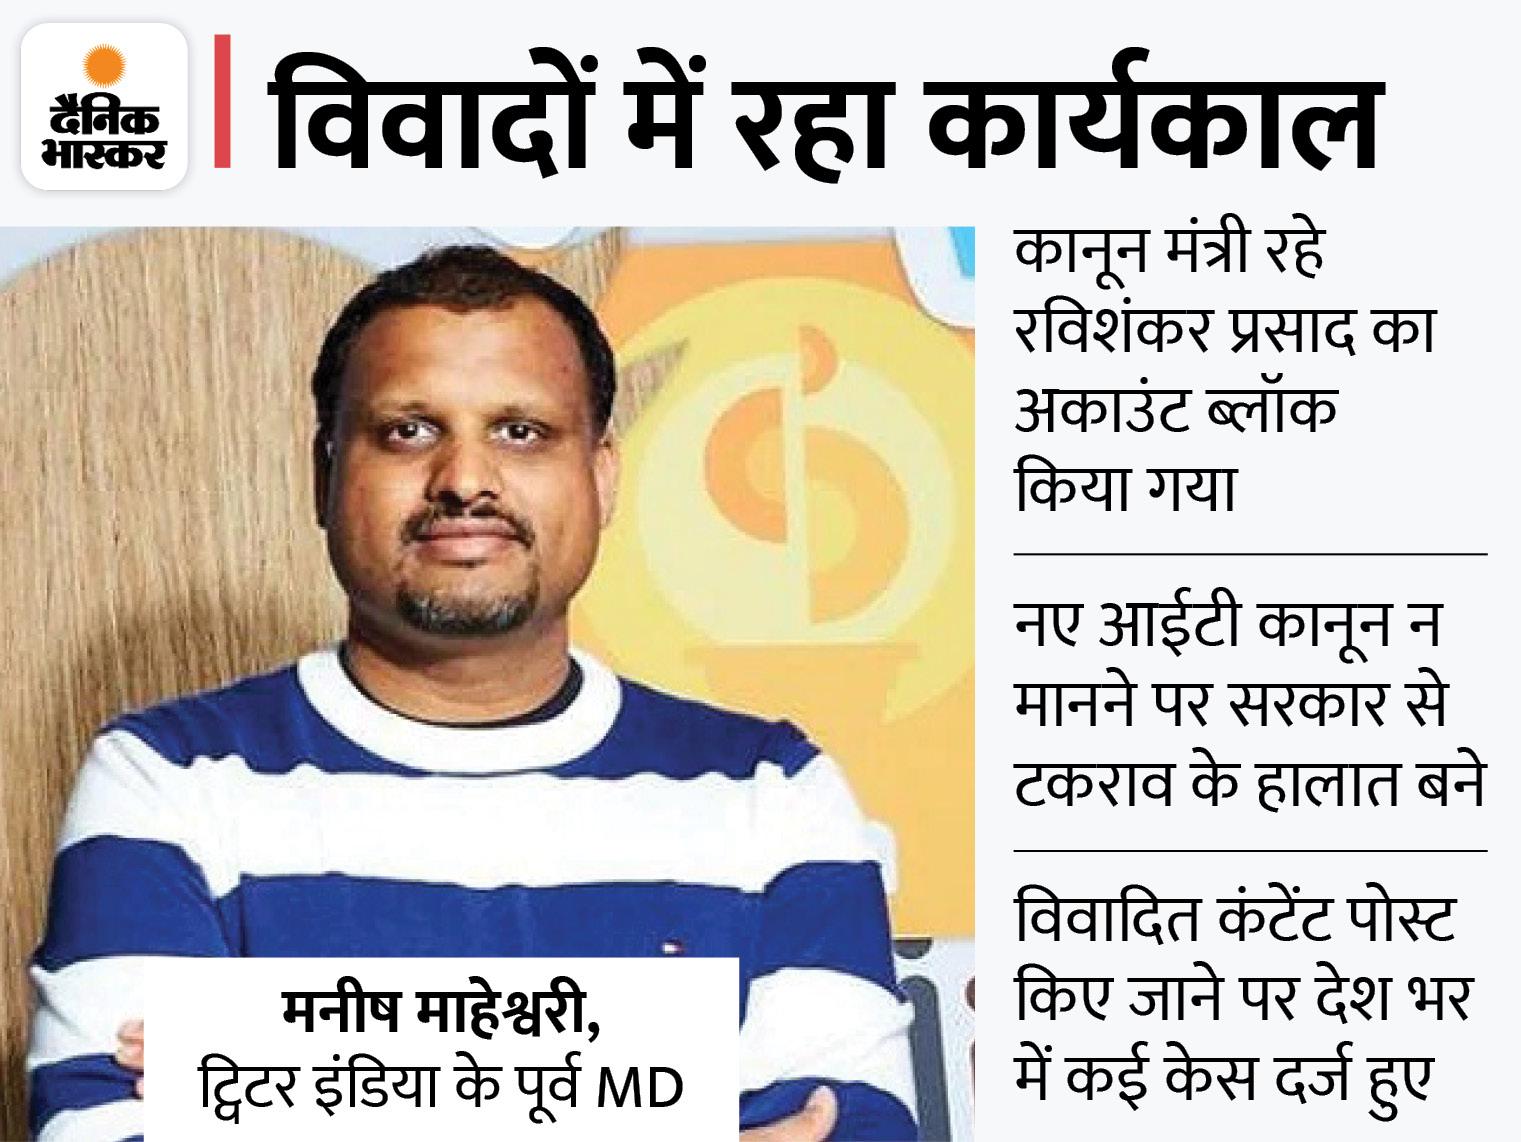 कोर्ट ने 4 हफ्ते में मांगा जवाब, विवादित वीडियो के मामले में UP पुलिस ने दाखिल की थी अर्जी देश,National - Dainik Bhaskar